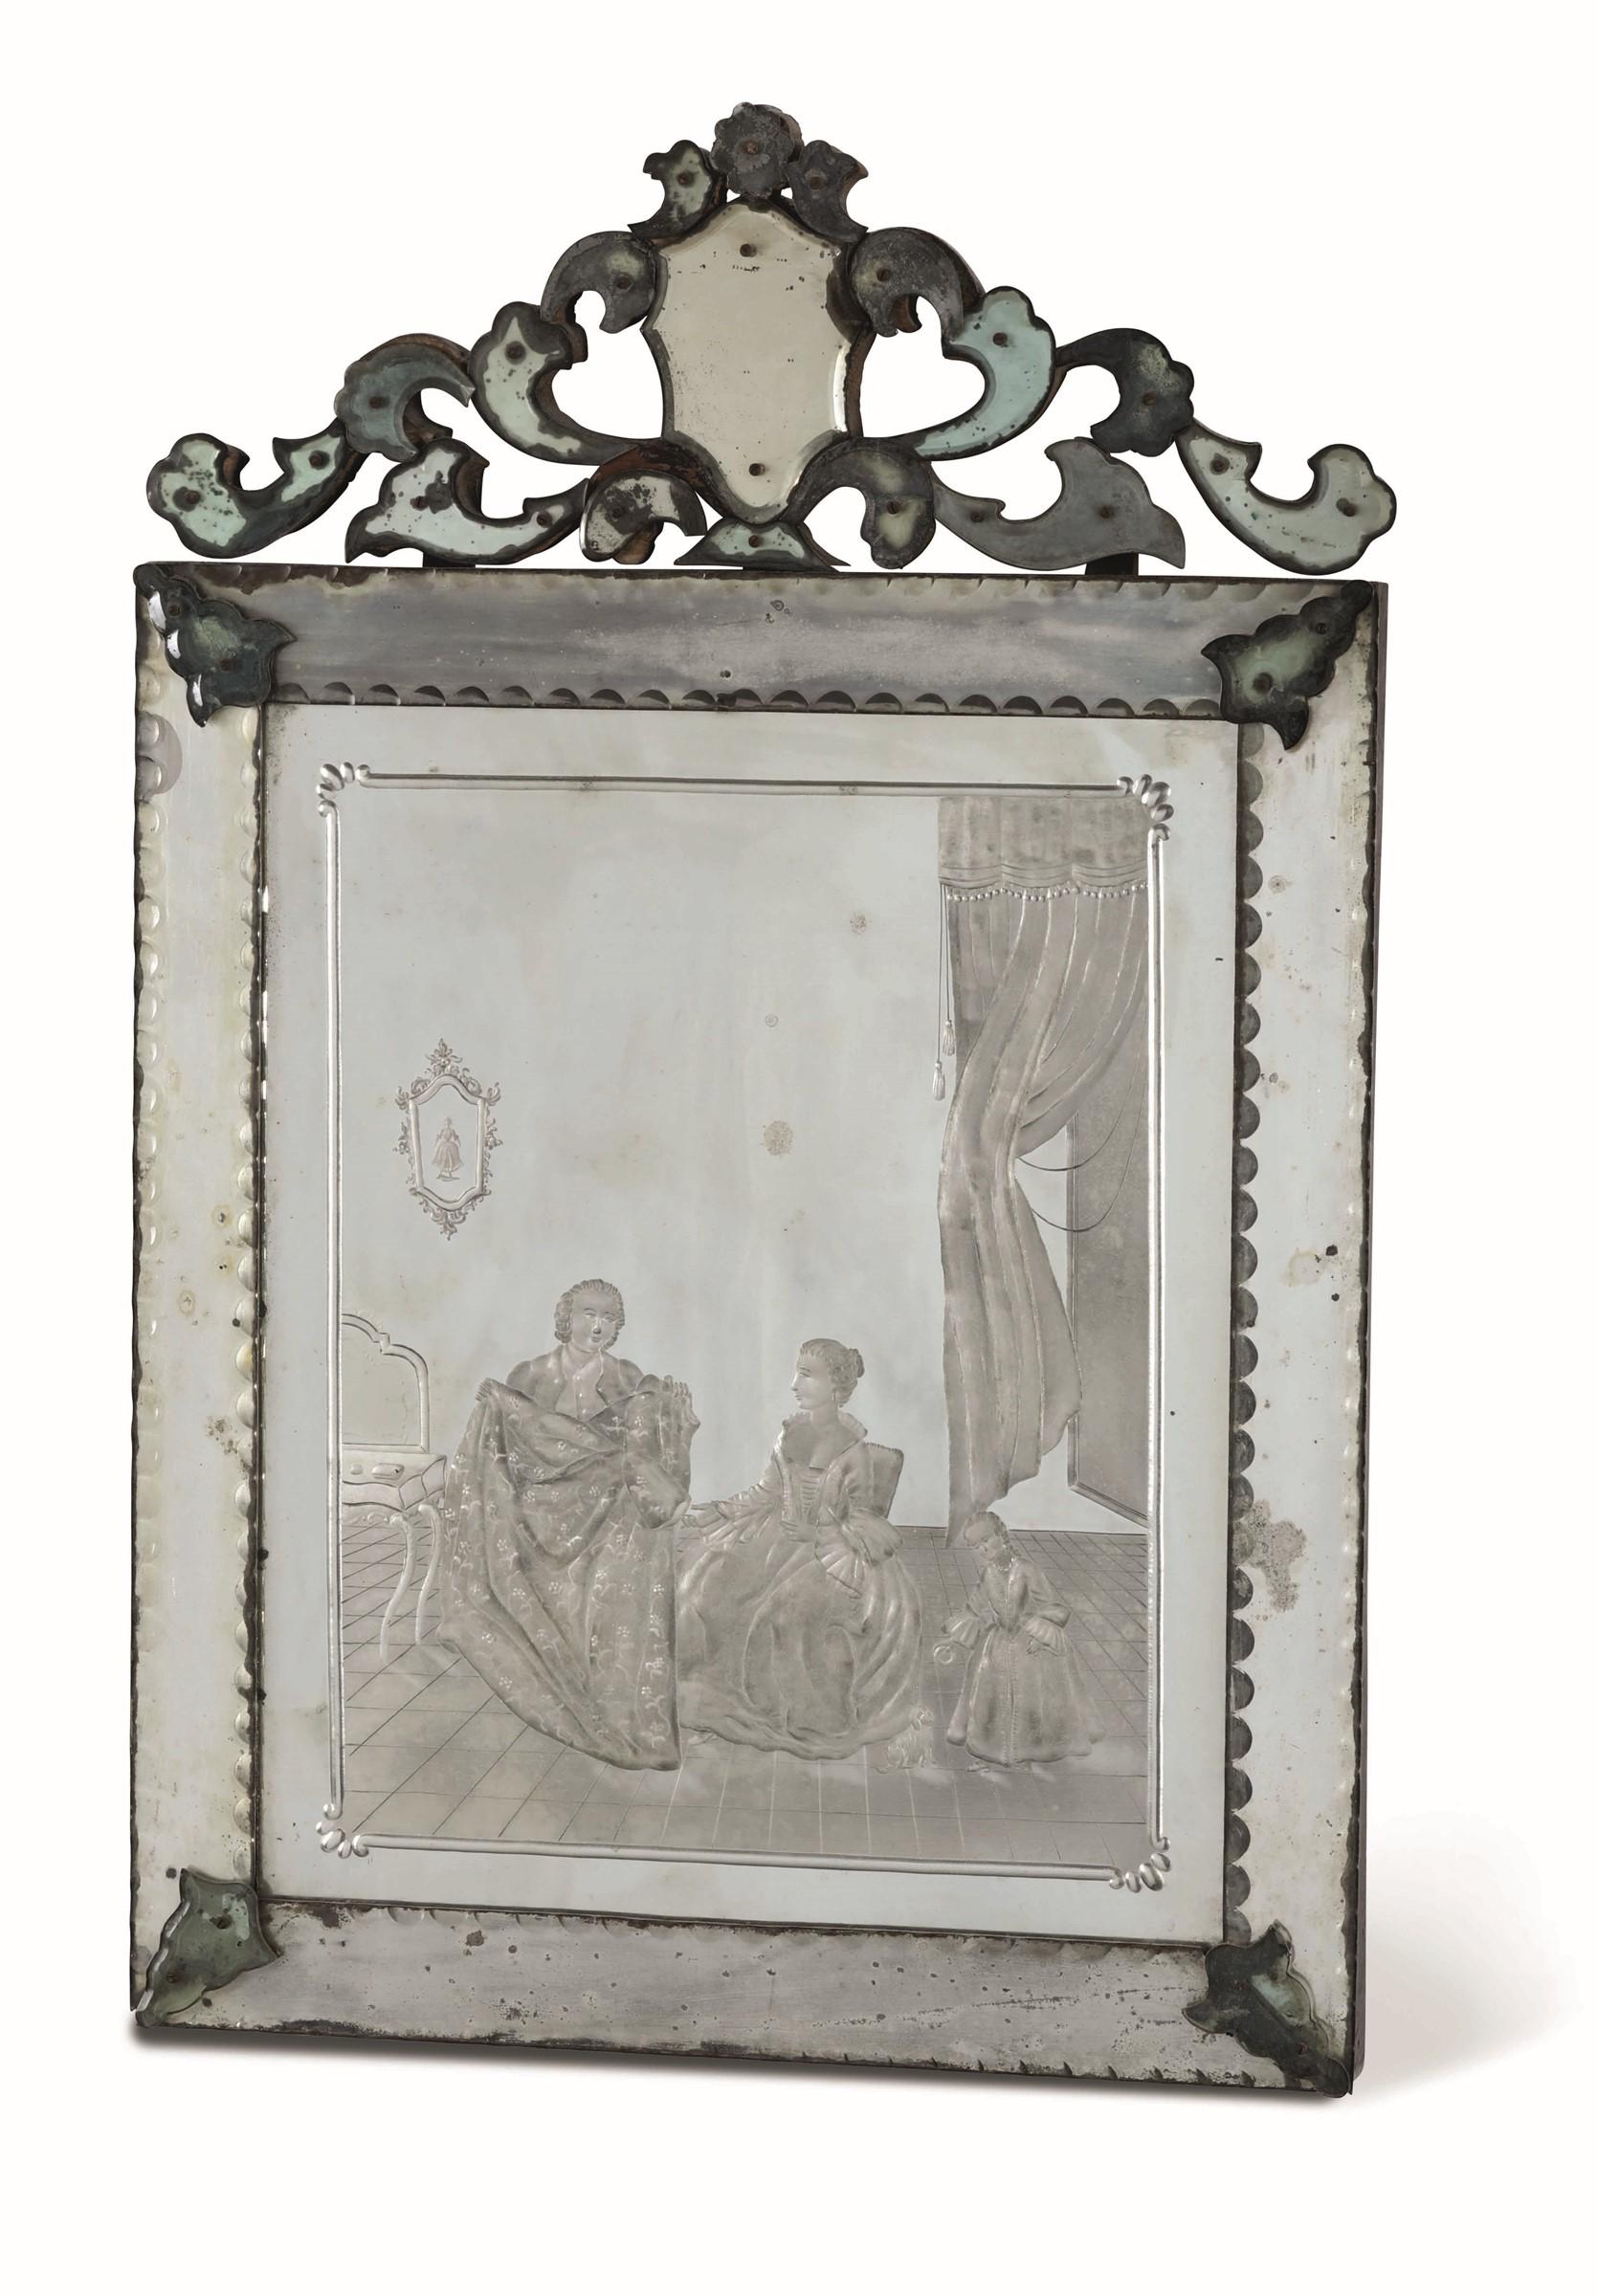 Tre specchiere in vetro di Murano soffiato molato e inciso, Murano(?) seconda metà [...]